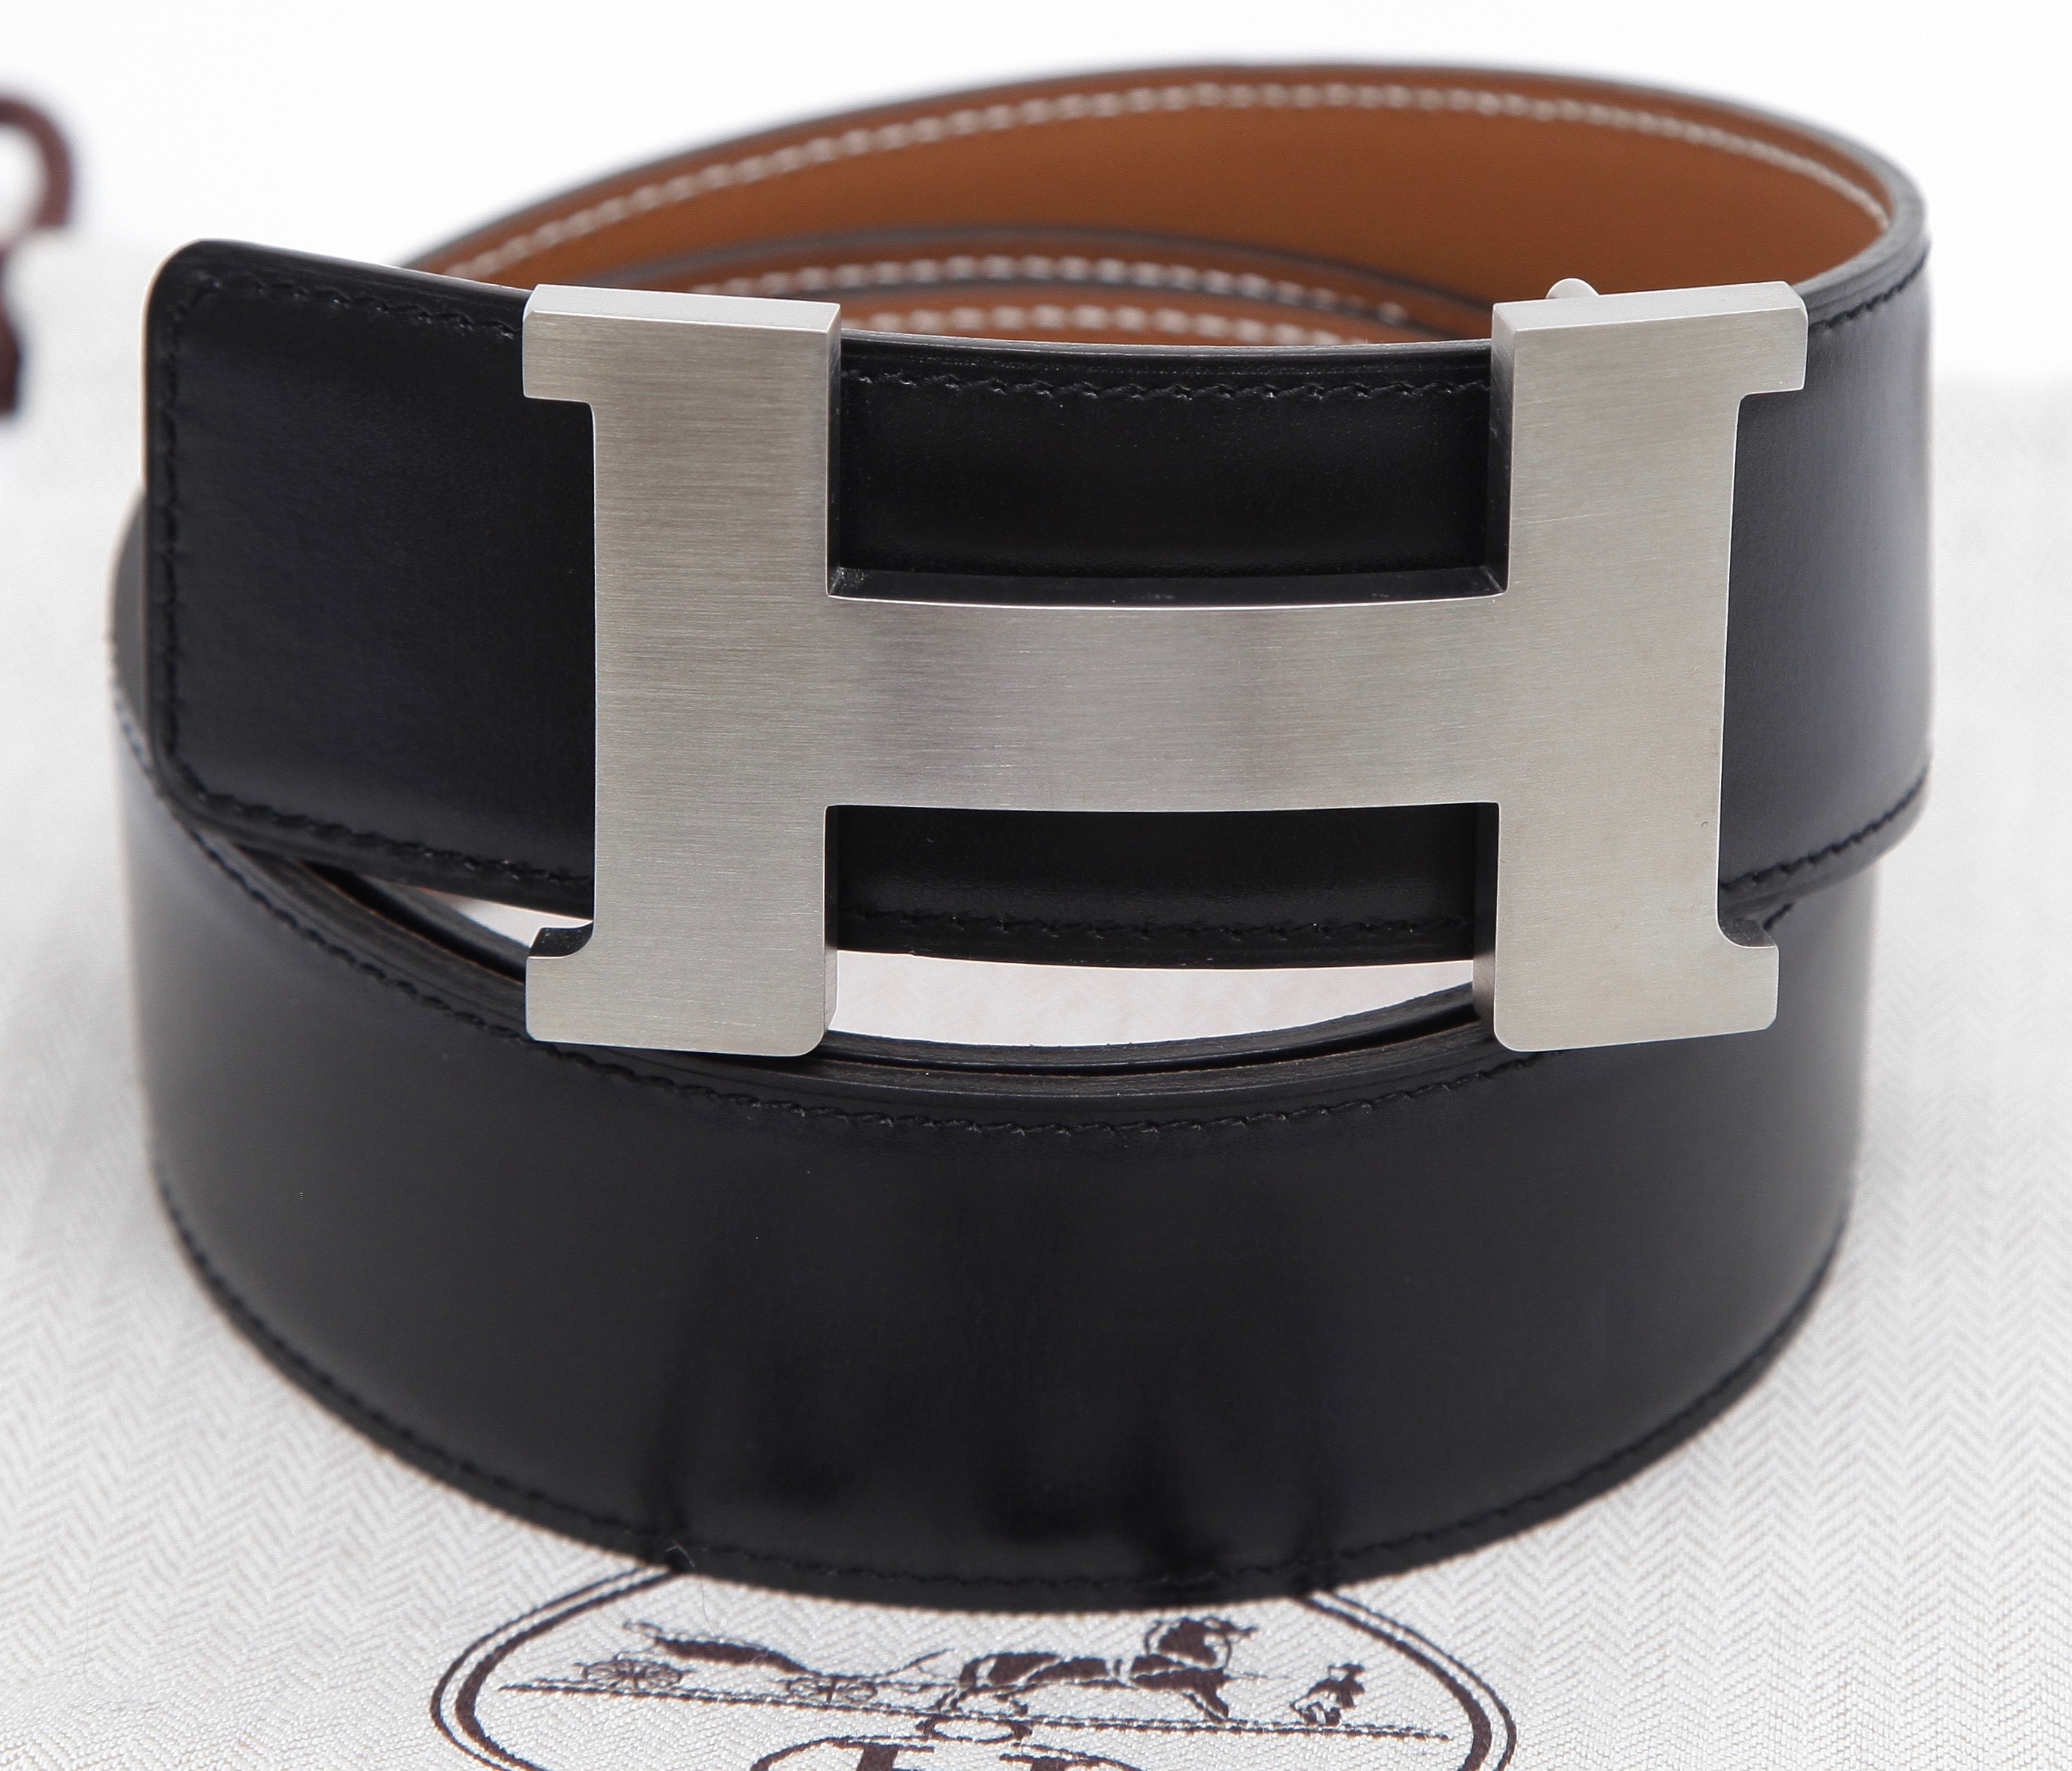 Vintage Black Genuine Leather Belt  Studded Belt  Men Leather Belt  90s Leather Belt  Real Leather Belt  No Limit Belt  Metal Buckle